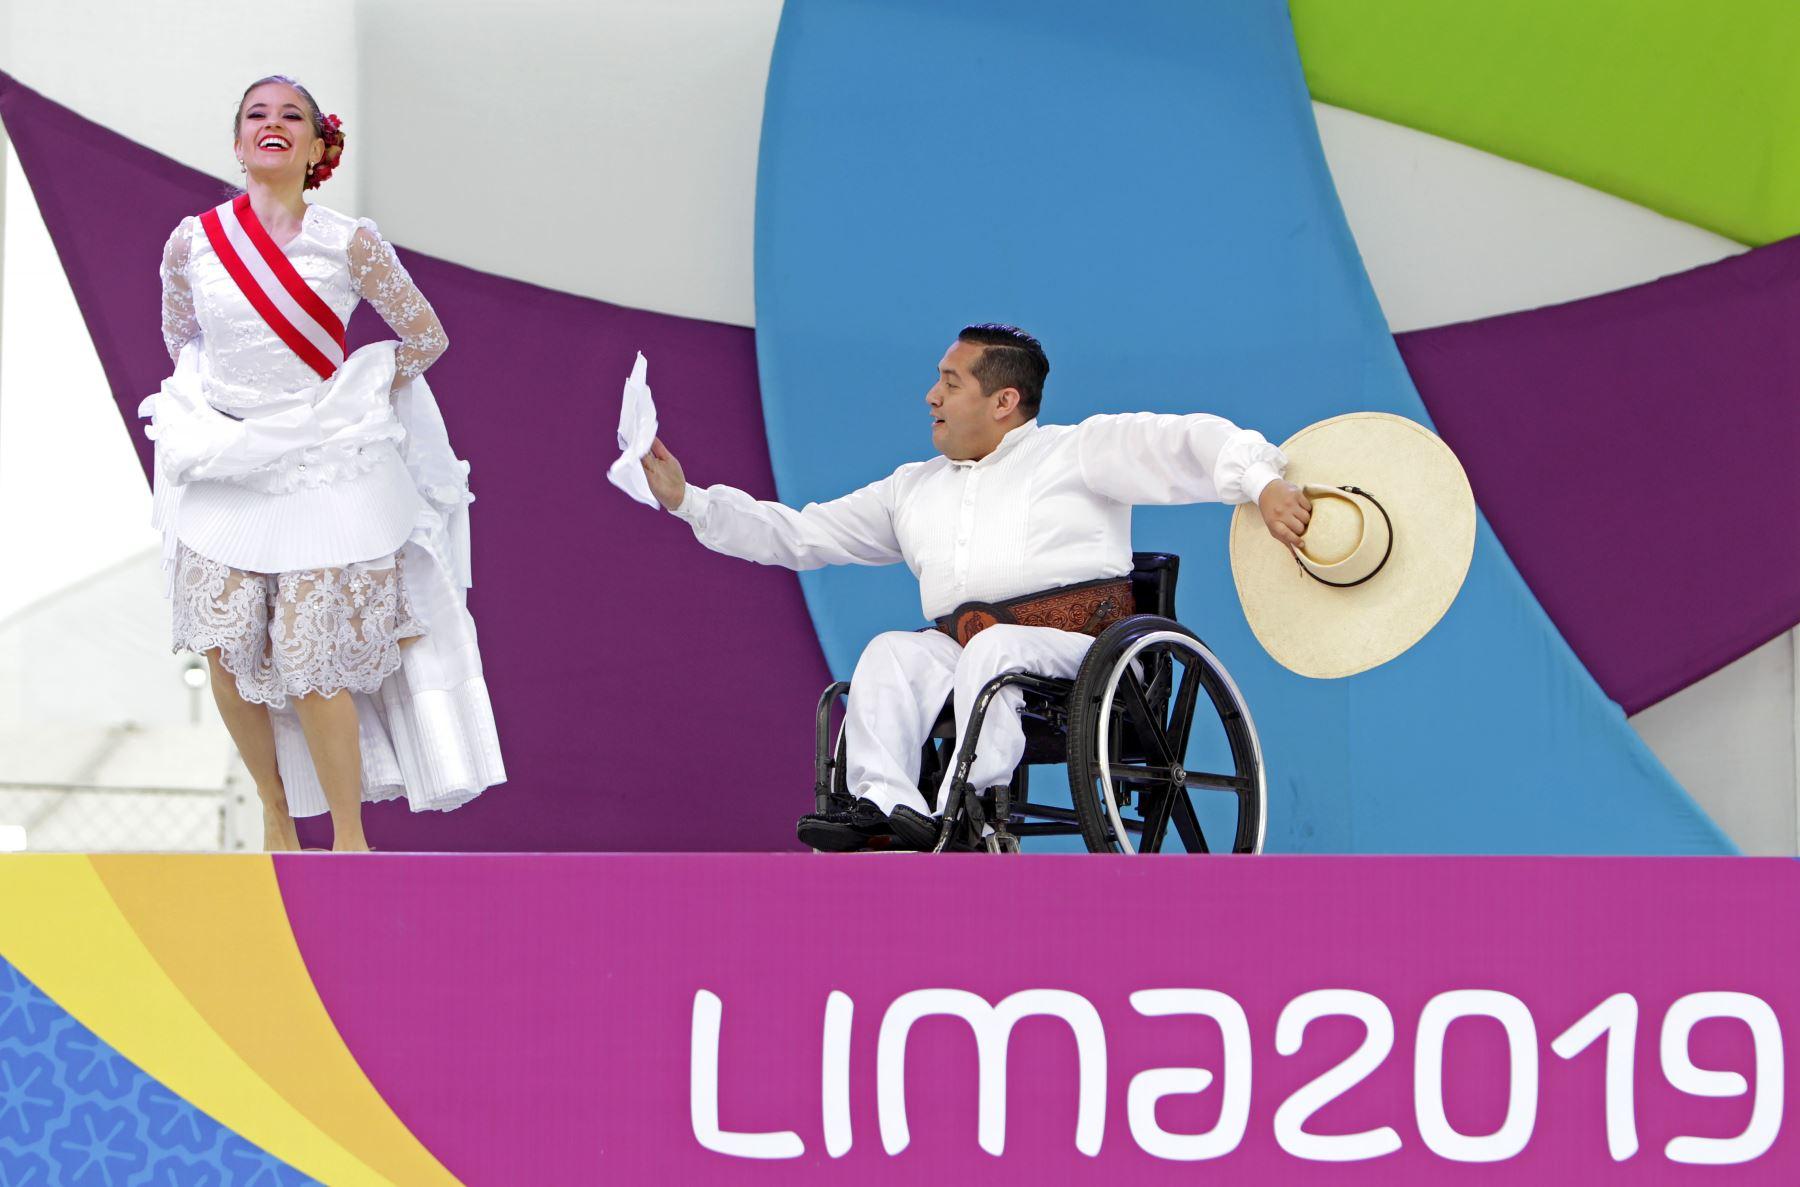 La ministra de Educación, Flor Pablo Medina y  el presidente del Comité Organizador de Lima 2019, Carlos Neuhaus dan la bienvenida a la  delegación de deportistas que participarán en los Juegos Parapanamericanos Lima 2019. Foto: ANDINA/Lima 2019